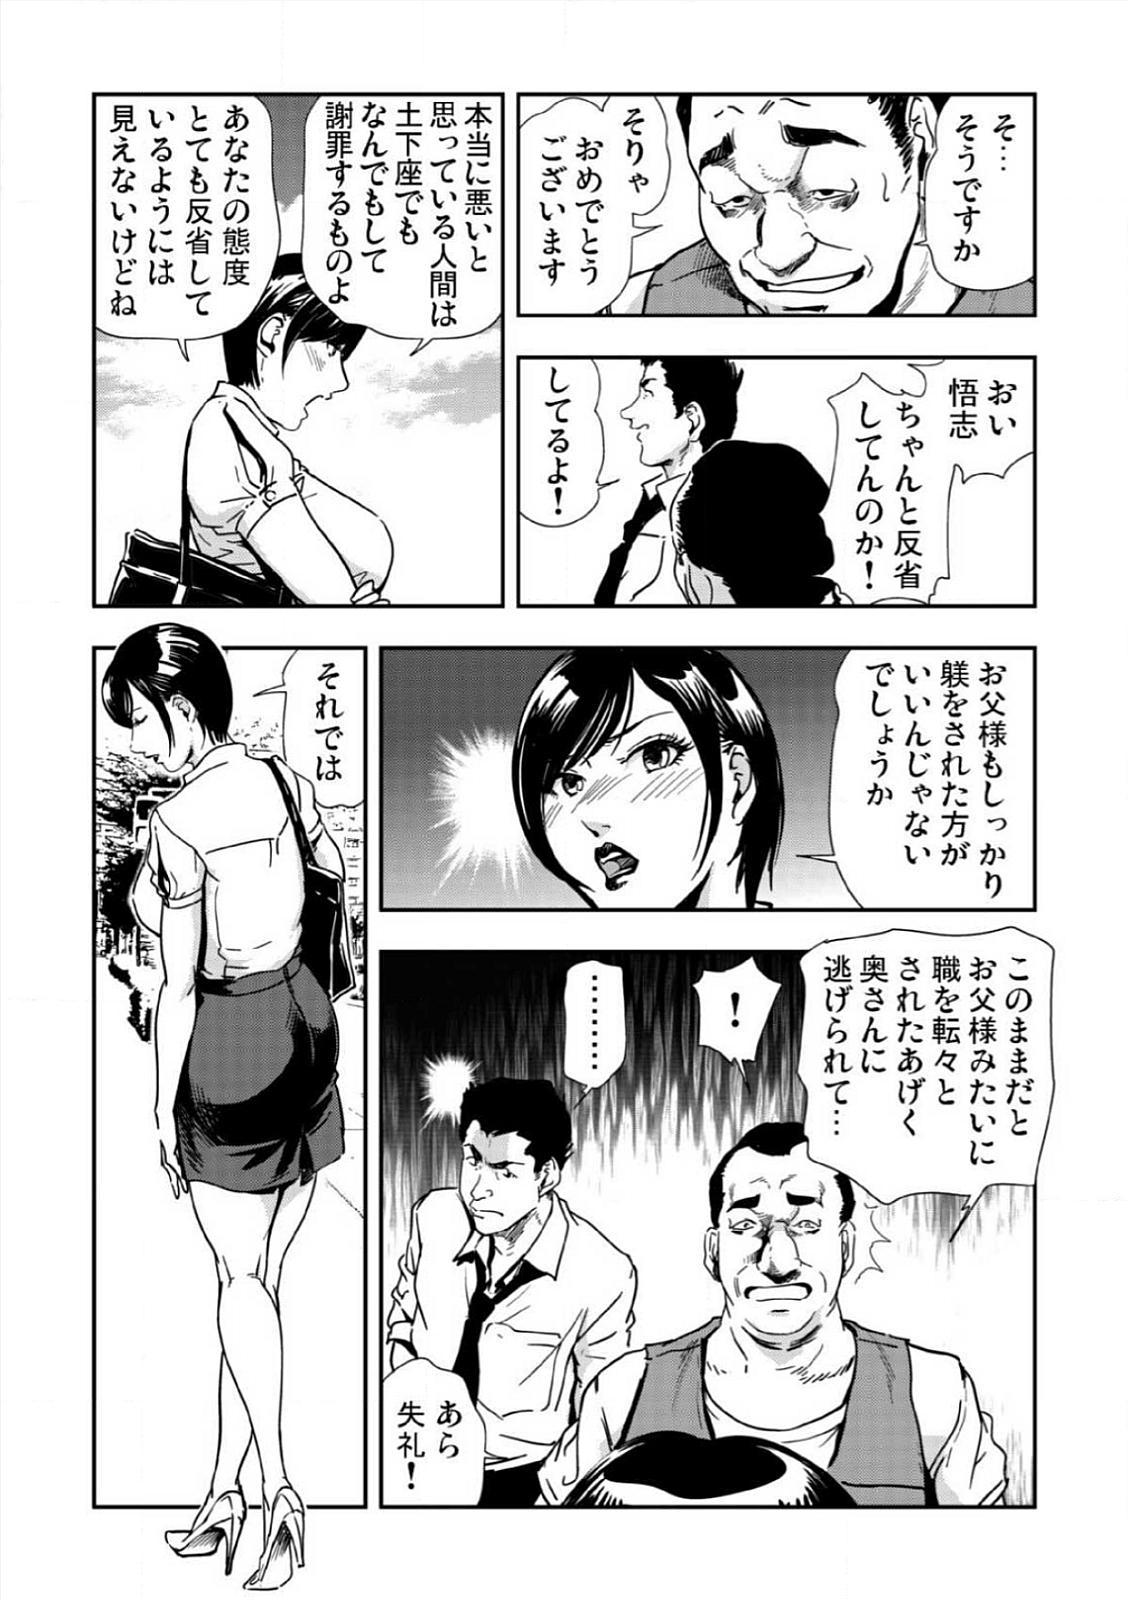 [Misaki Yukihiro] Kyousei Shidou ~Mechakucha ni Kegasarete~ (1)~(6) [Digital] 137